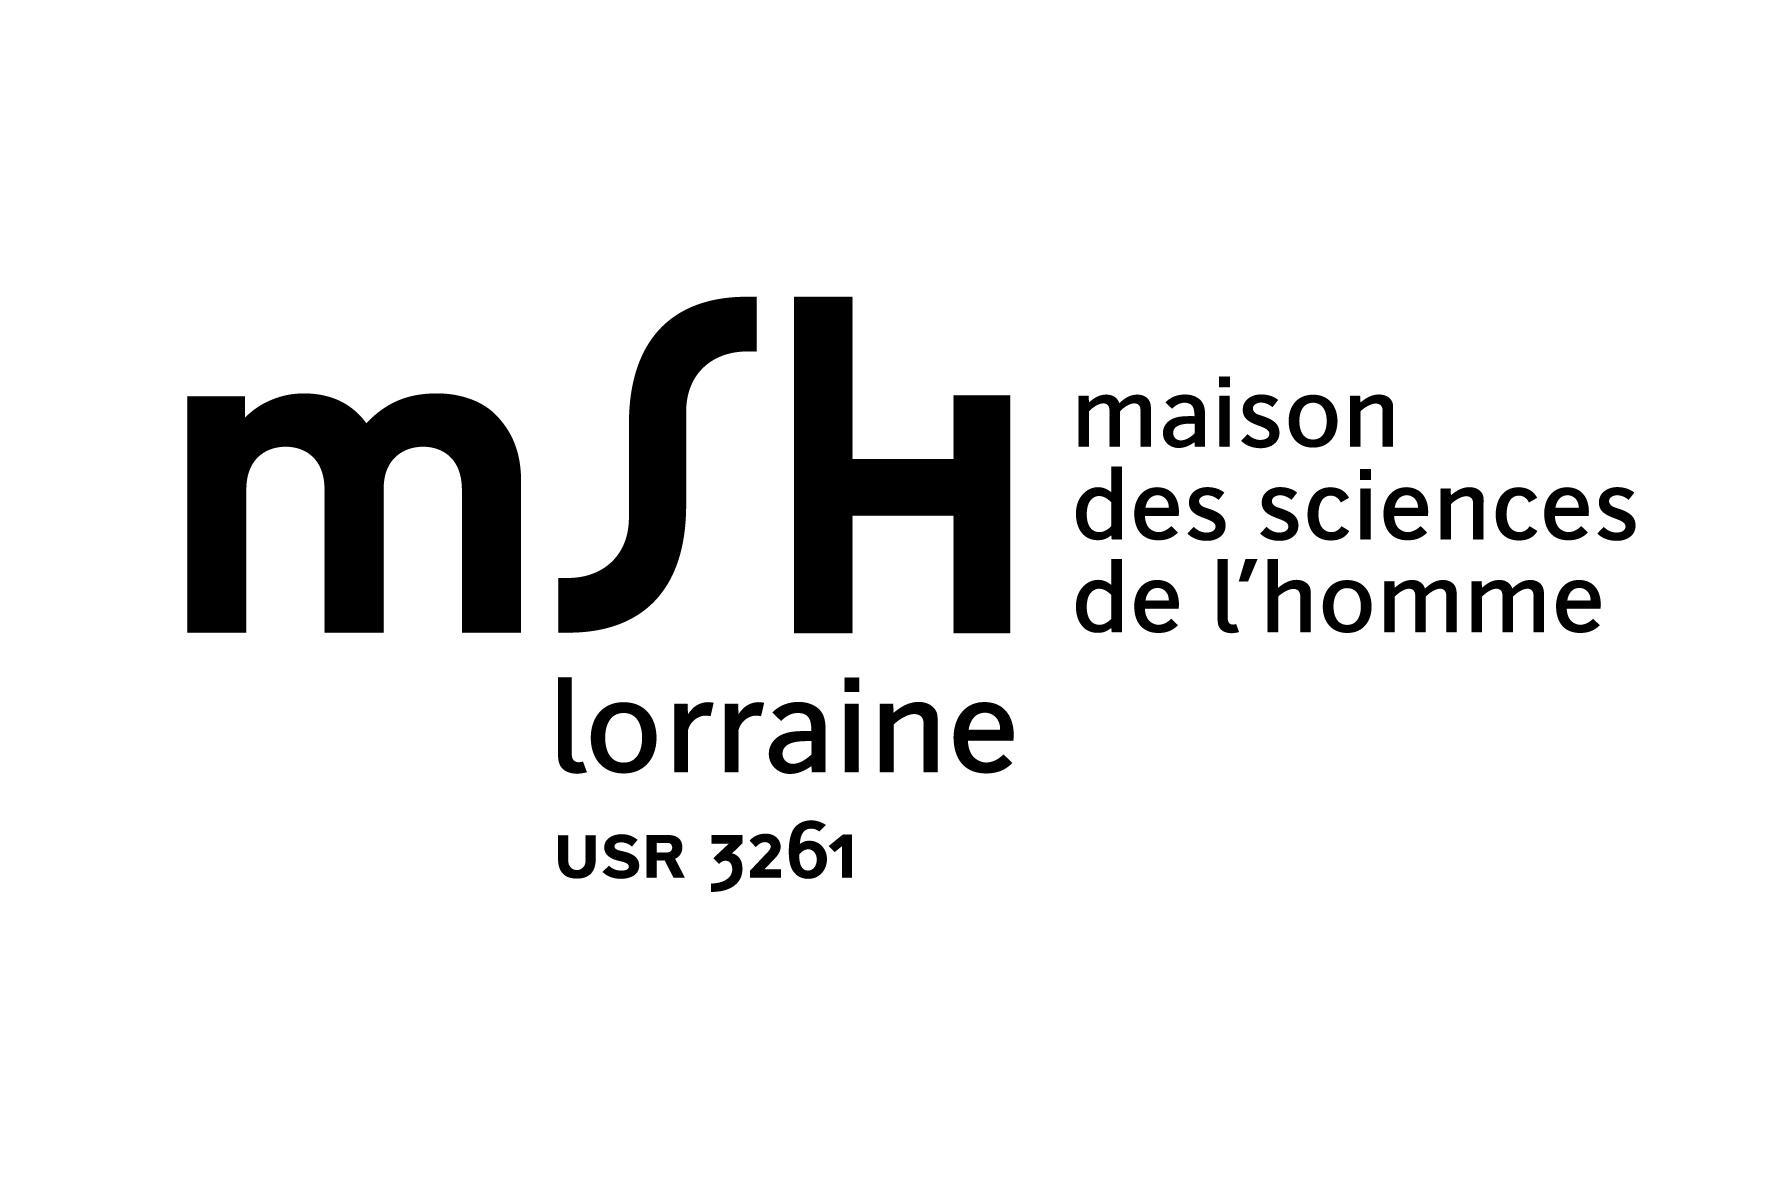 Maison des sciences de l'homme - Lorraine